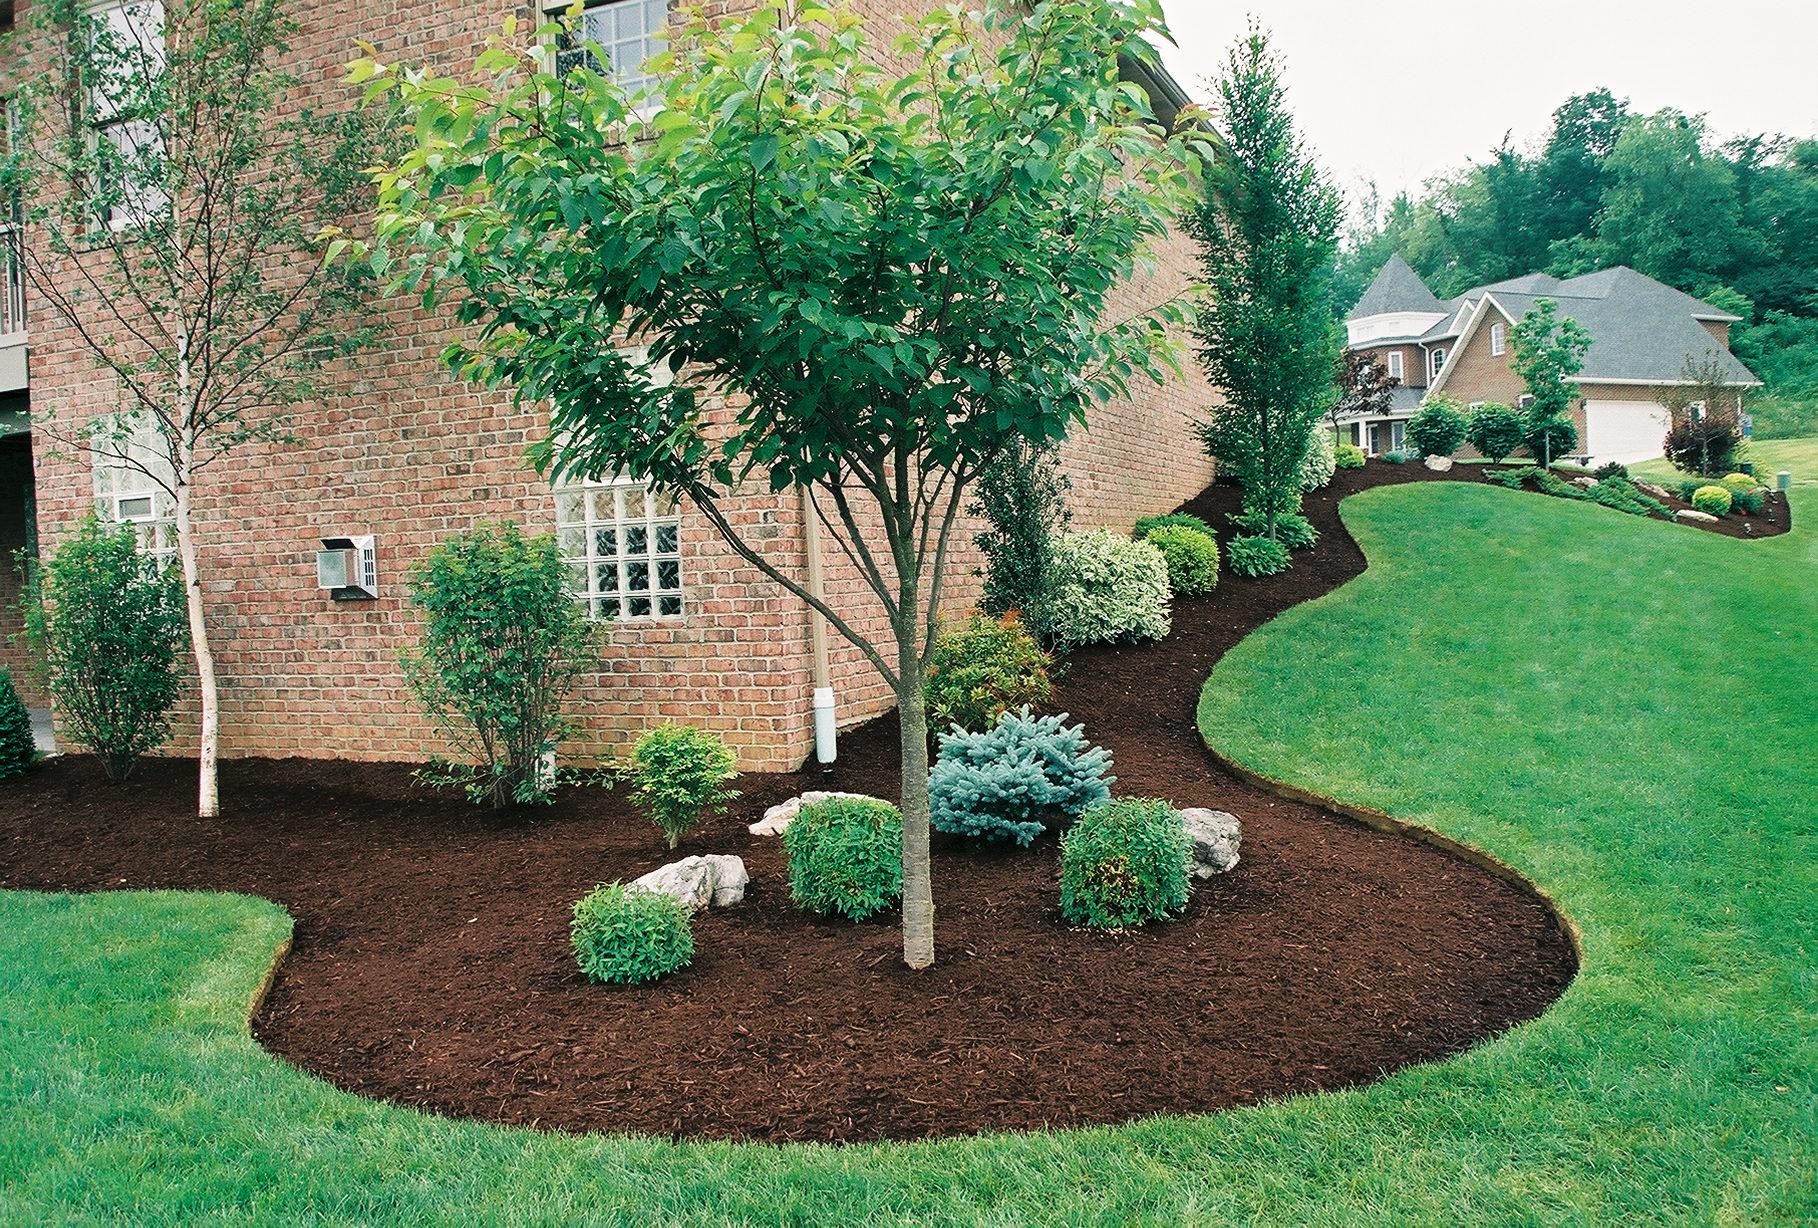 ландшафтный дизайн с деревьями фото